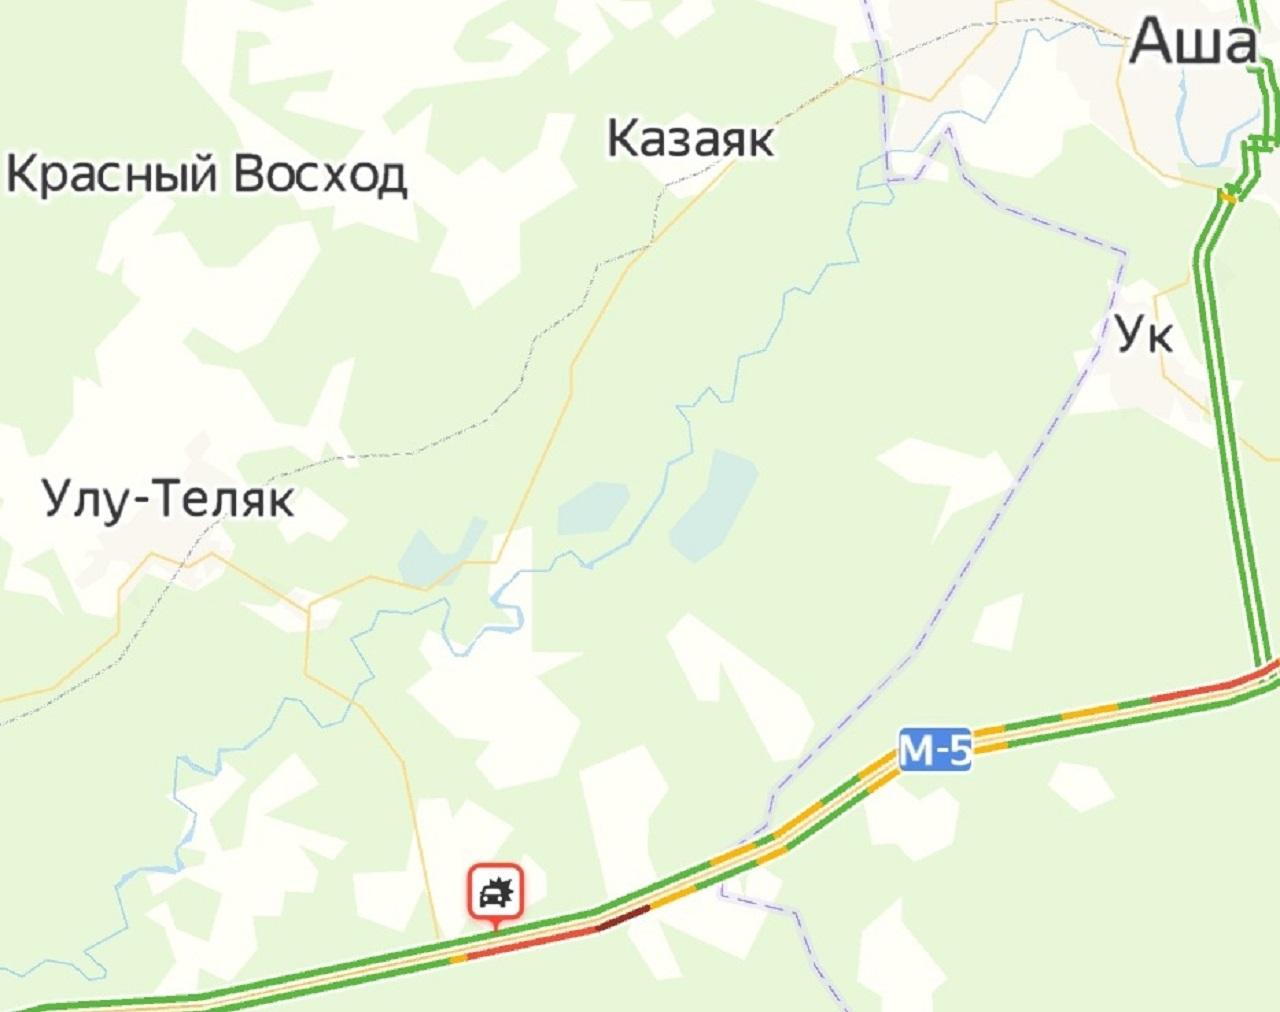 Фура вспыхнула: из-за ДТП на трассе в Челябинской области образовался затор